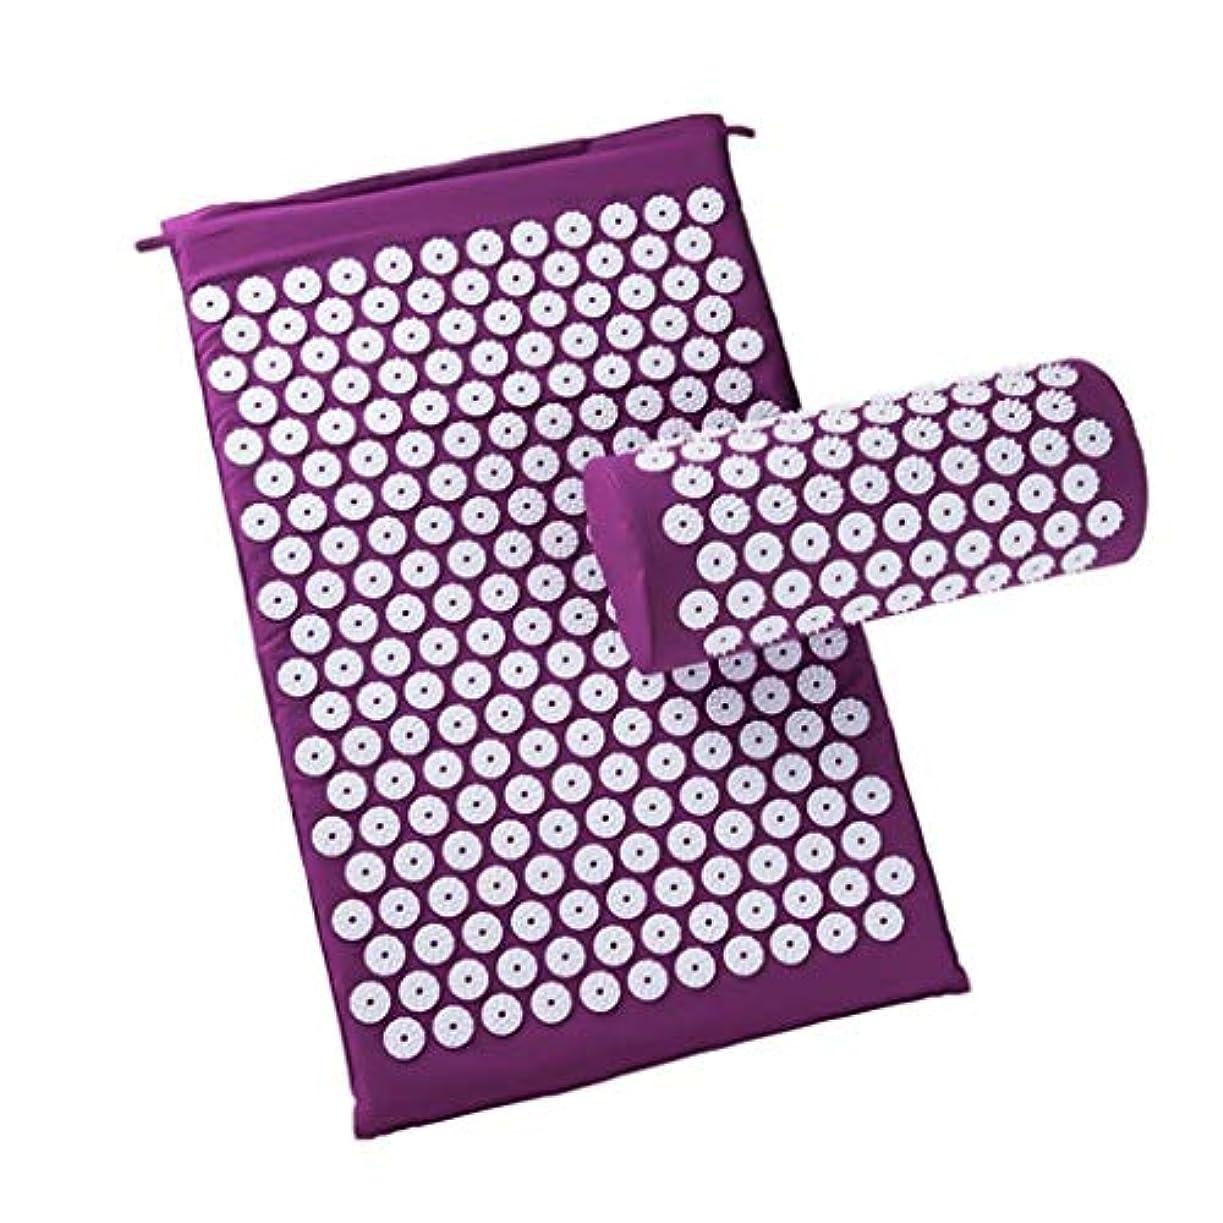 オーバードローバイパスに対応するマッサージャー、フィンガーパッド/枕カバー、背中、首、坐骨神経痛の痛み/圧力を和らげる、筋肉の弛緩 (Color : 紫の)